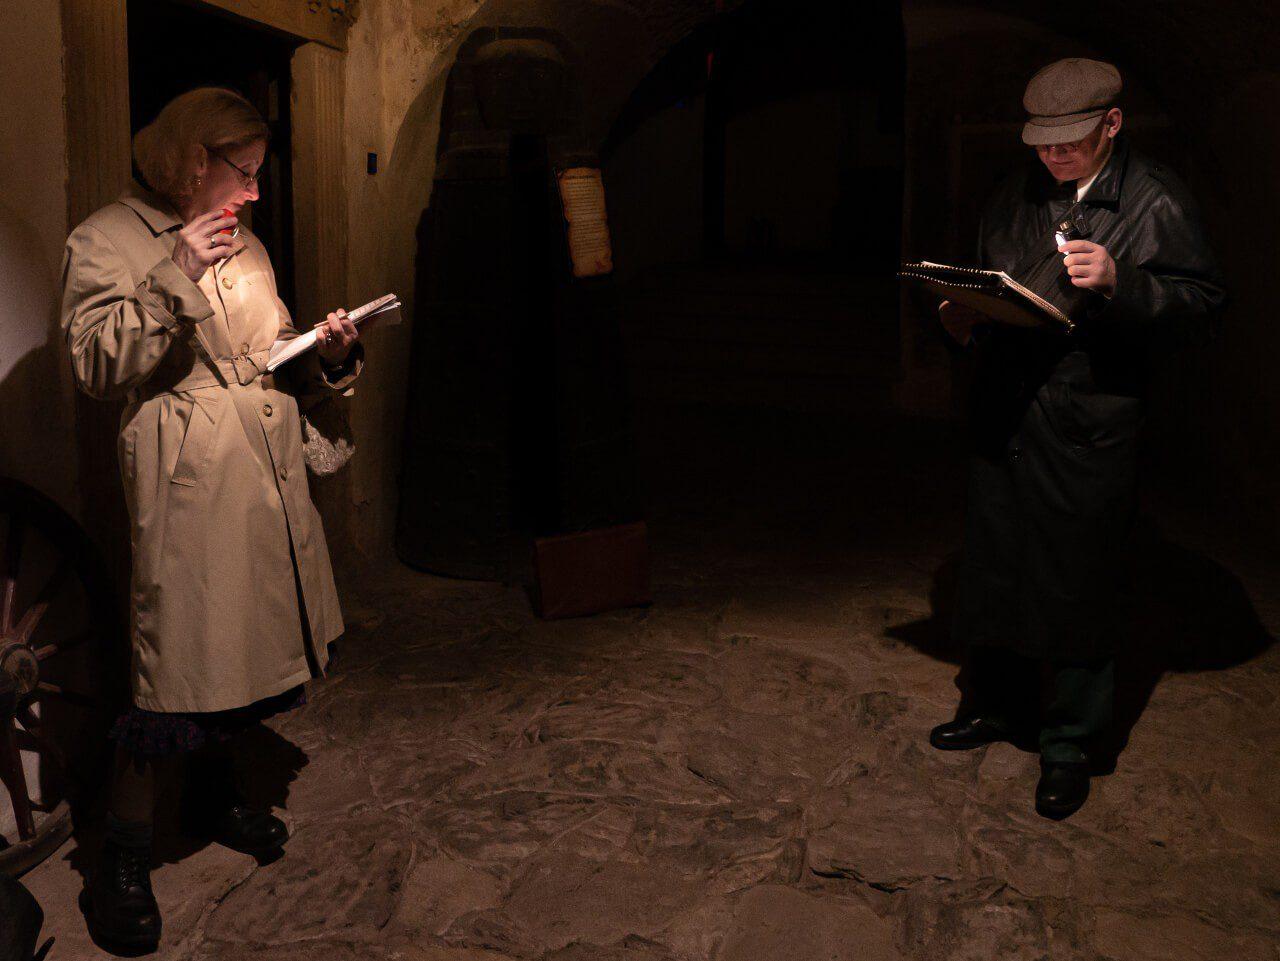 Nocne zwiedzanie Zamek Grodno